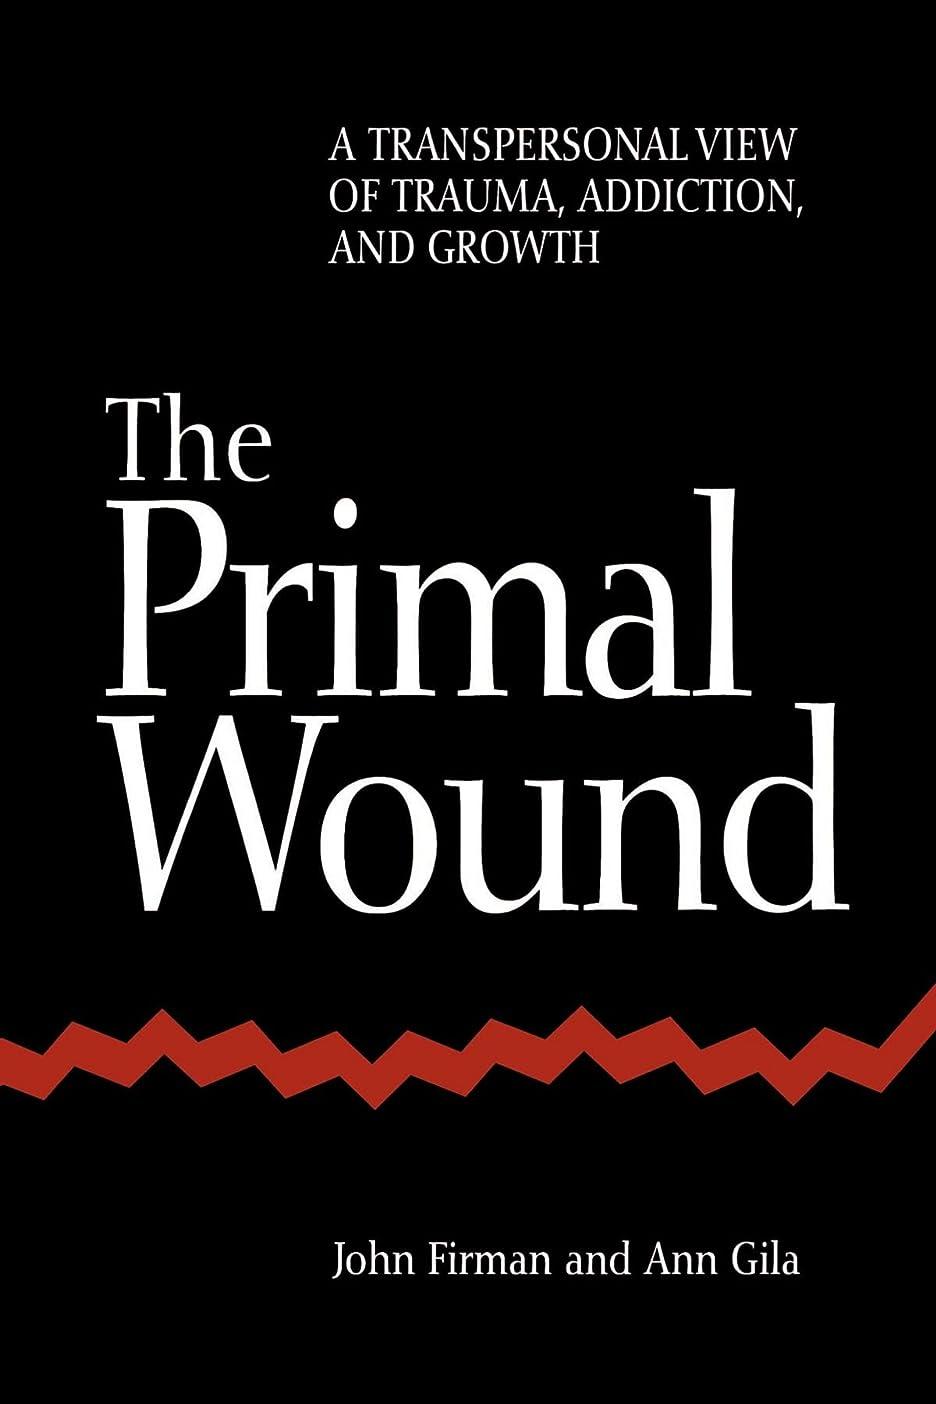 トラック憂慮すべき暴徒The Primal Wound: A Transpersonal View of Trauma, Addiction, and Growth (S U N Y SERIES IN THE PHILOSOPHY OF PSYCHOLOGY)